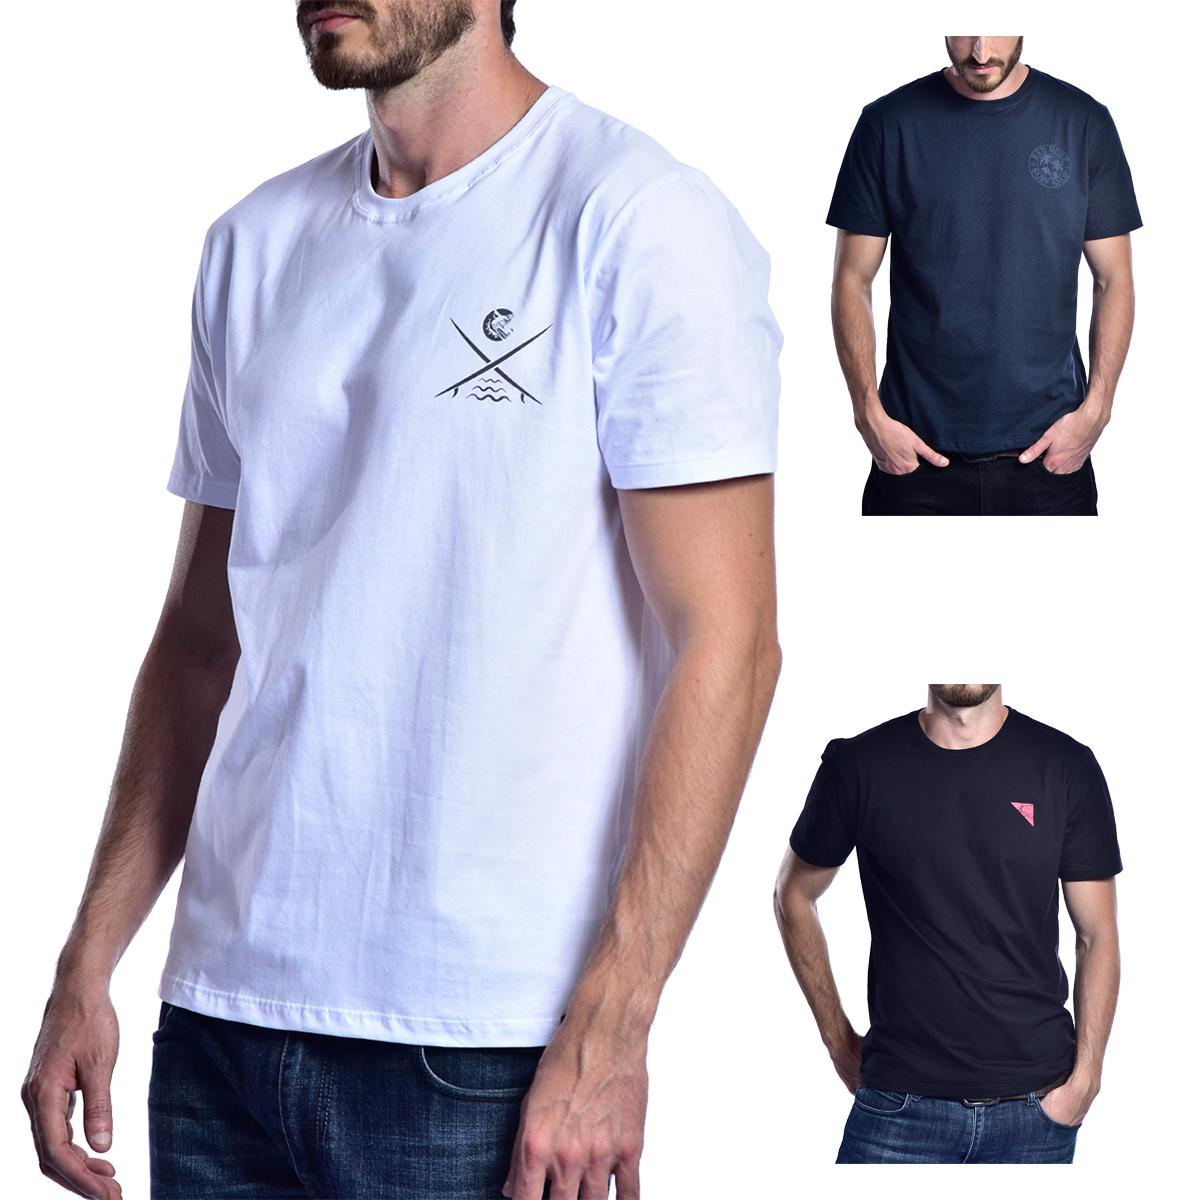 KIT 3 Camisetas Red Nose  - Branco e Azul Marinho e Preto P